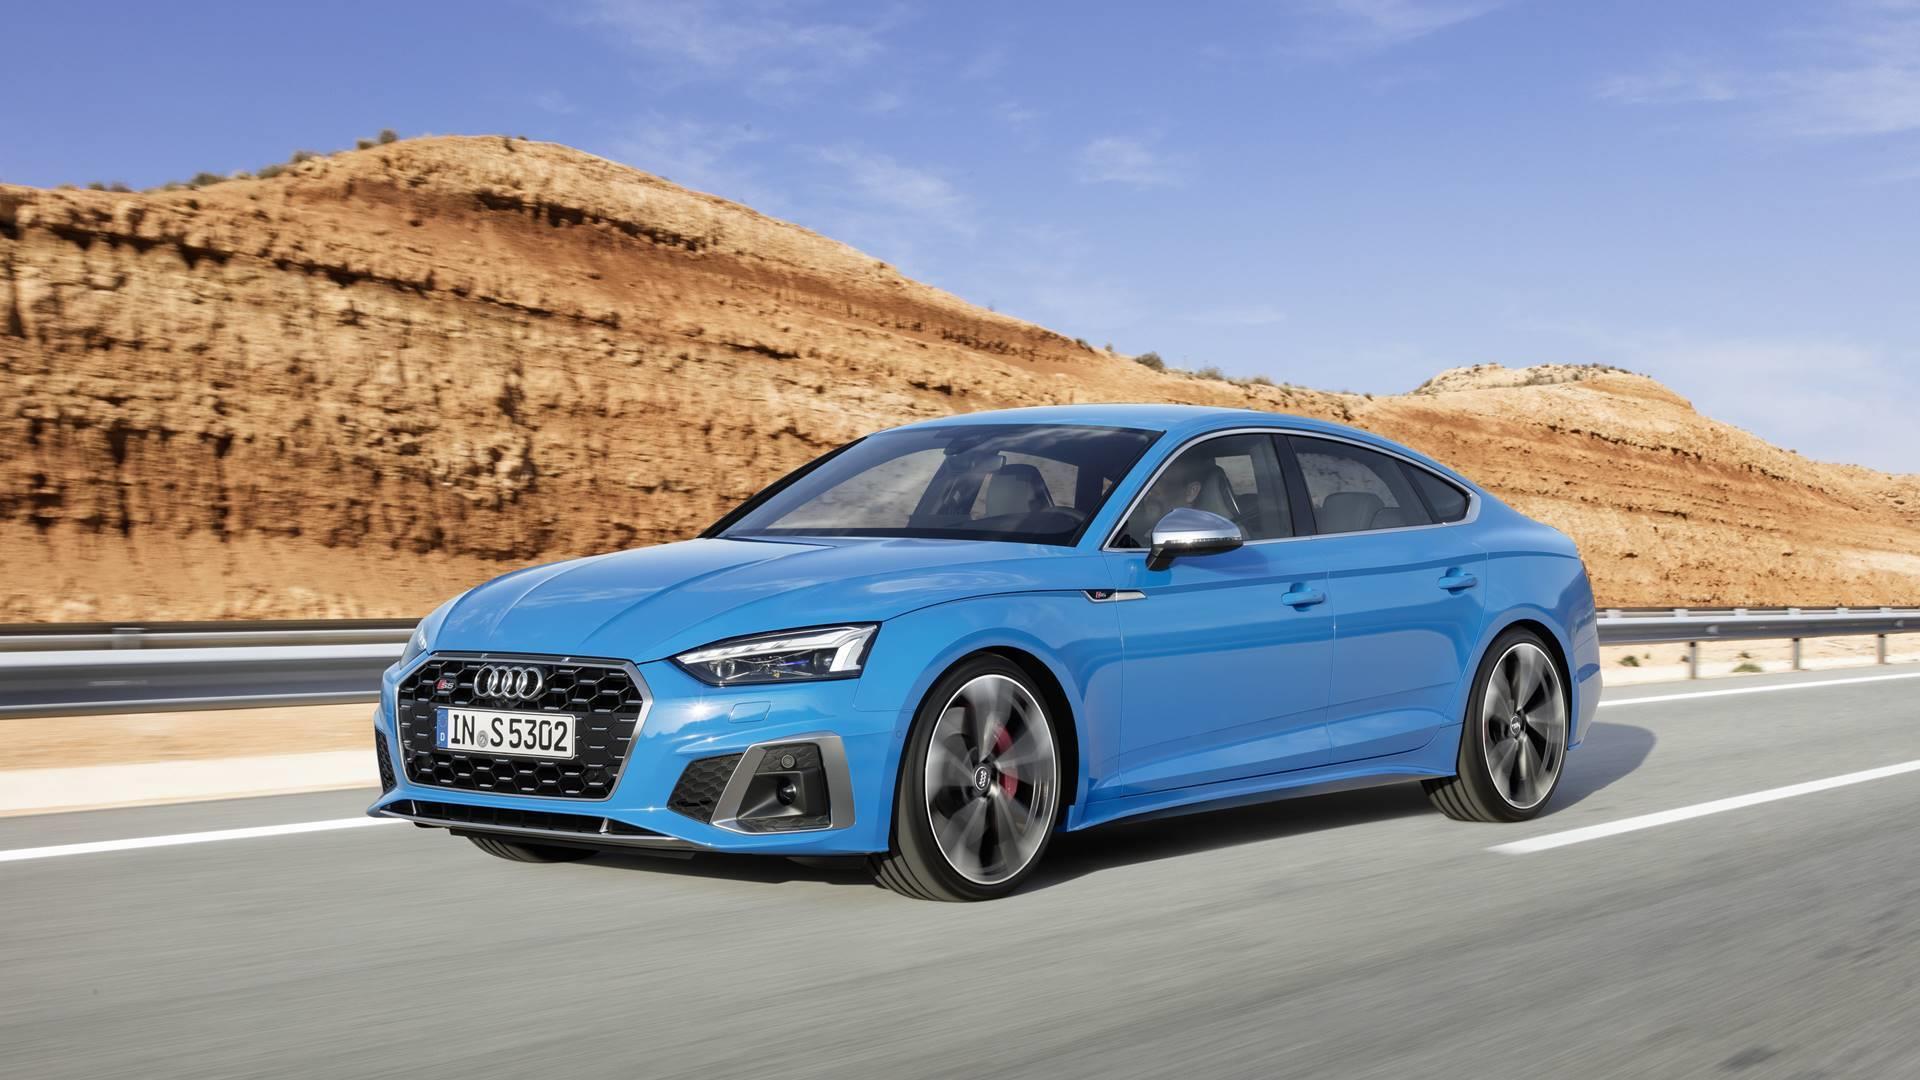 Kelebihan Audi A5 2020 Top Model Tahun Ini